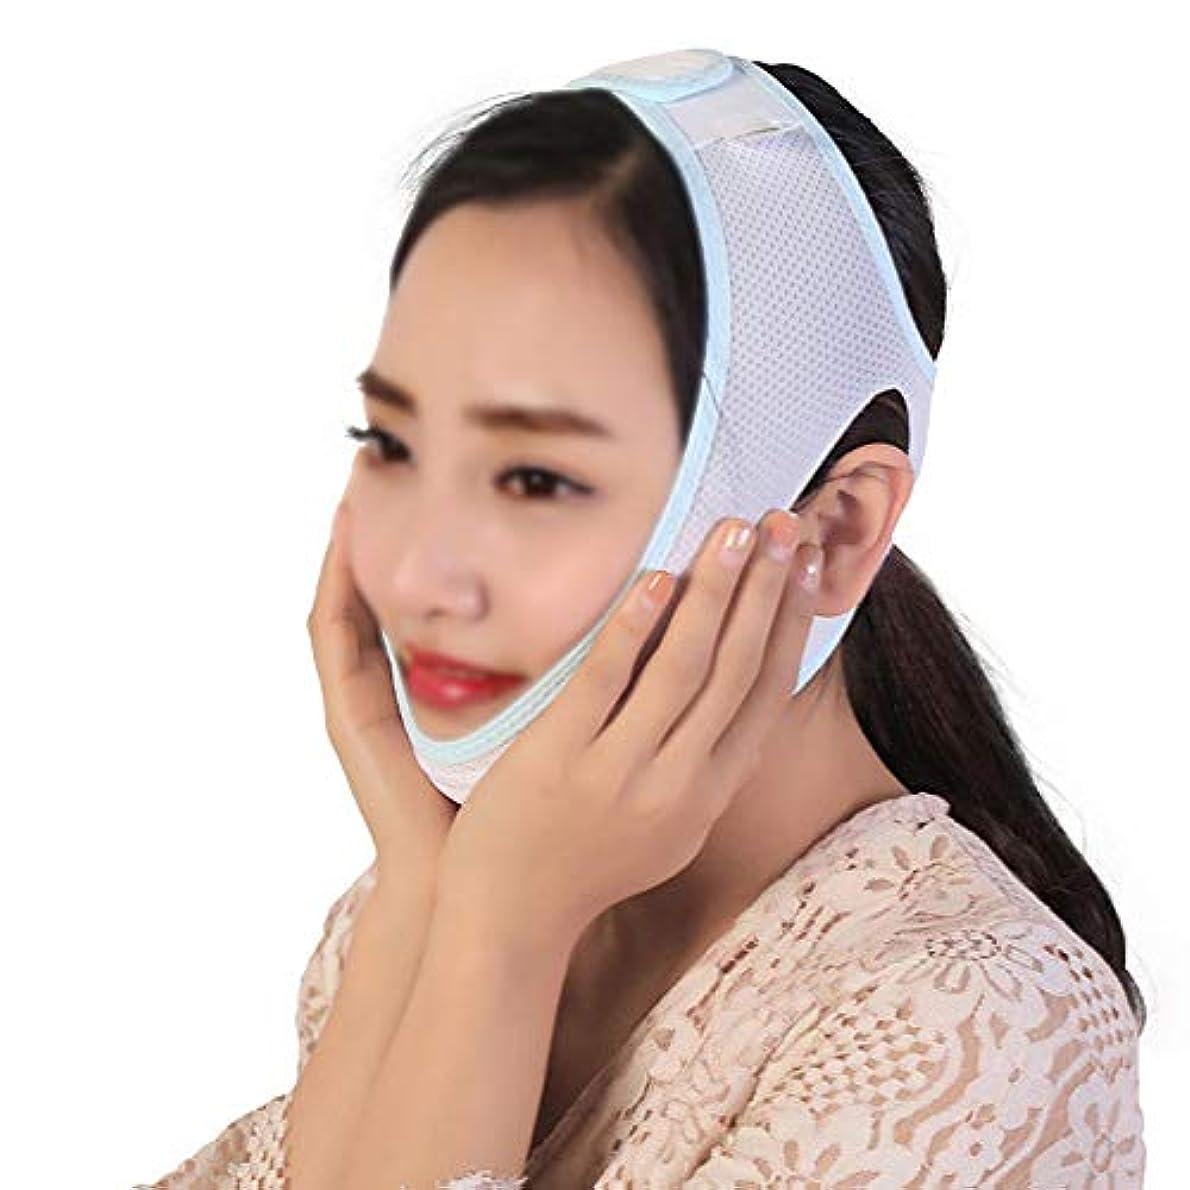 ビルマどうやら許可TLMY ファーミングマスクスモールVフェイスアーティファクトリフティングサーフェスプラスチックマスクコンフォートアップグレード最適化改善顔面カーブ包括的な通気性包帯 顔用整形マスク (Size : M)